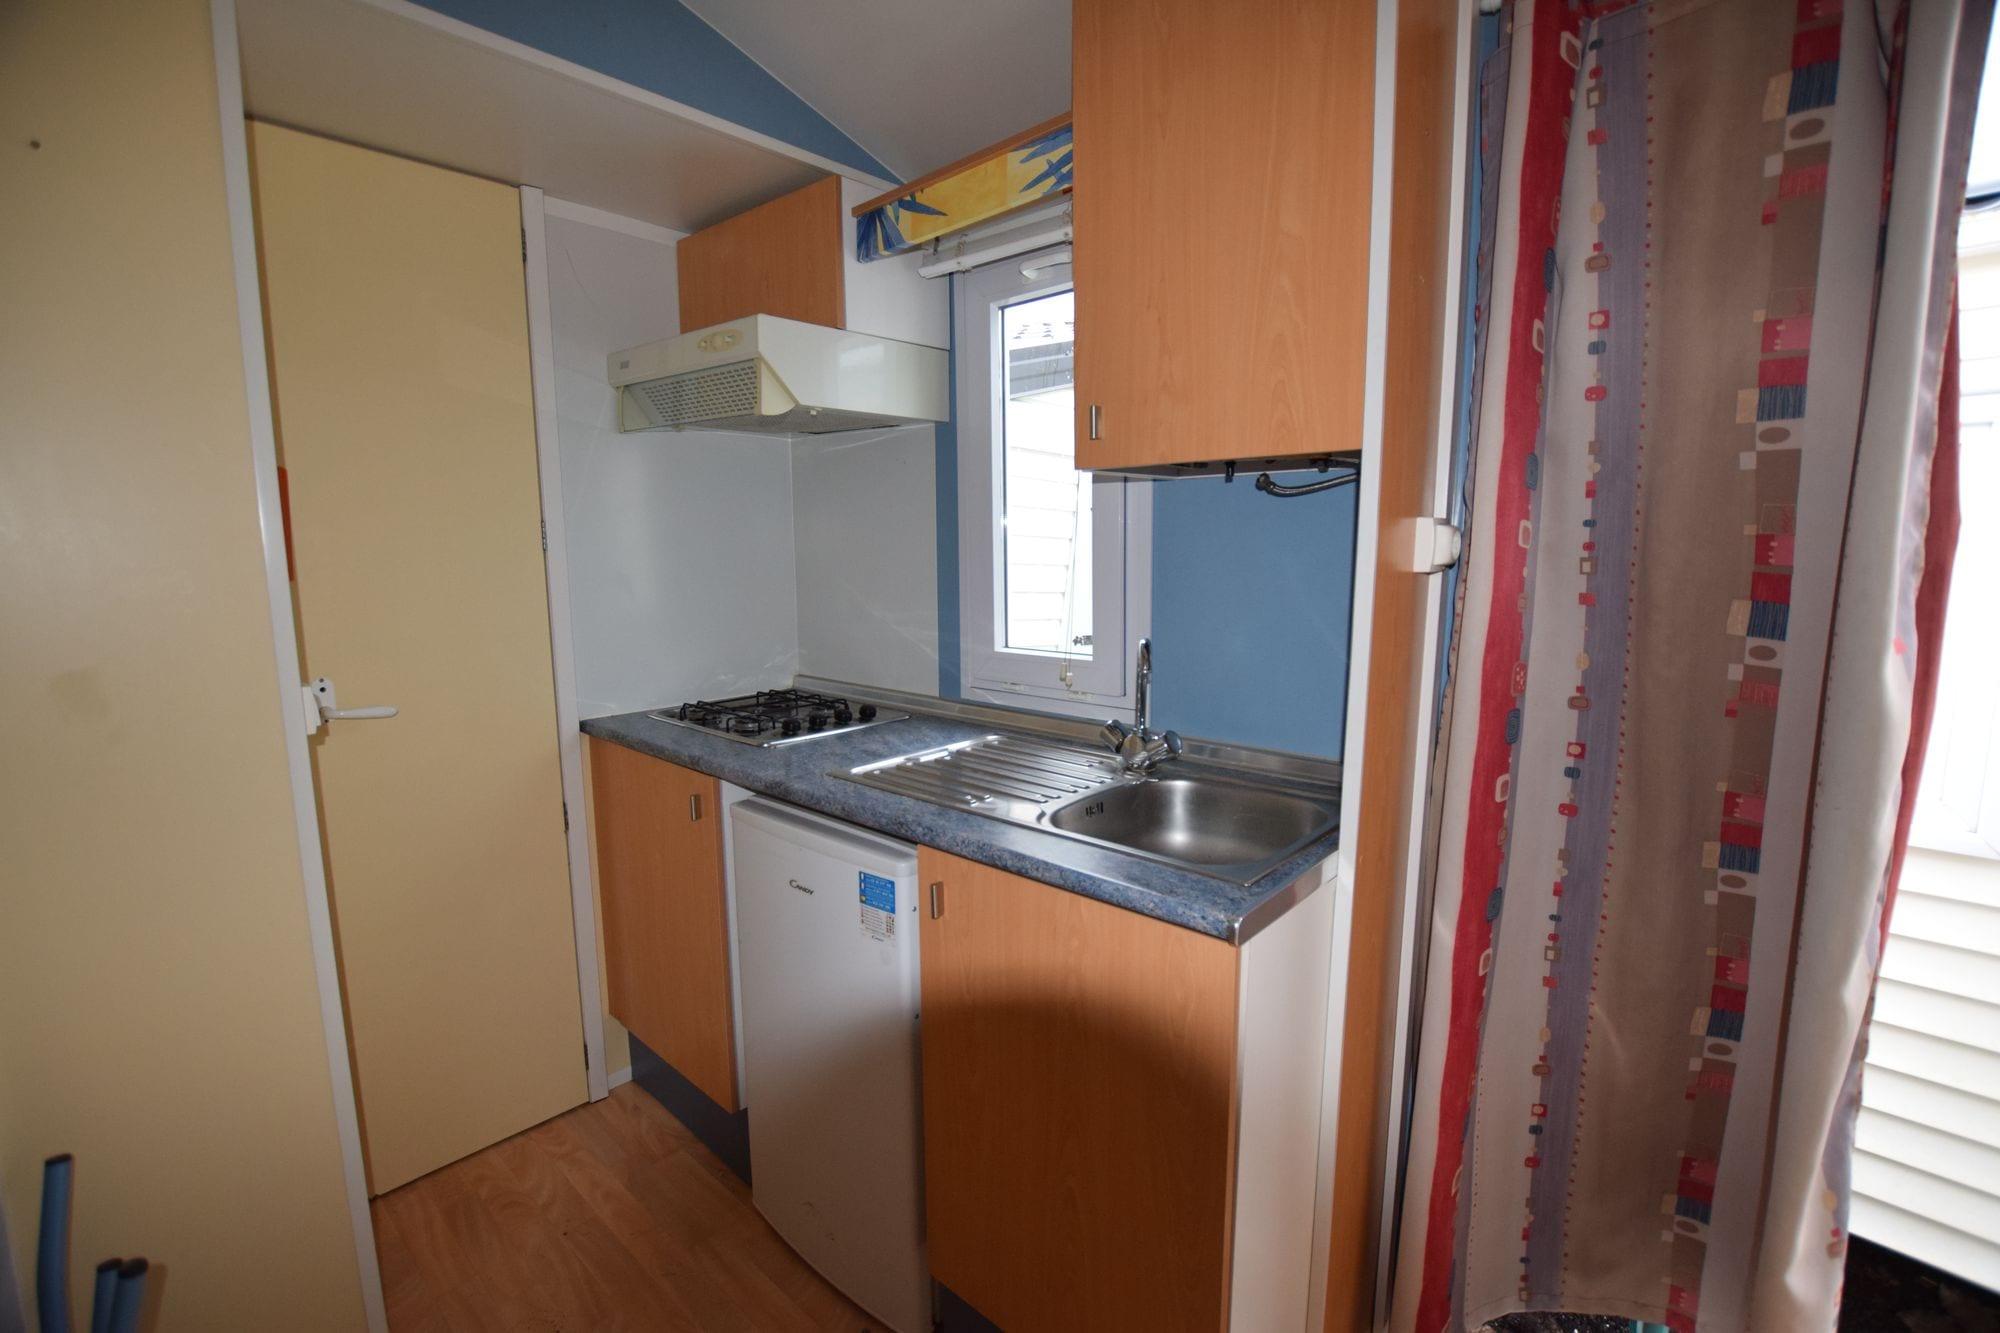 sun roller 635 mobil home d 39 occasion 3 900 zen mobil homes. Black Bedroom Furniture Sets. Home Design Ideas